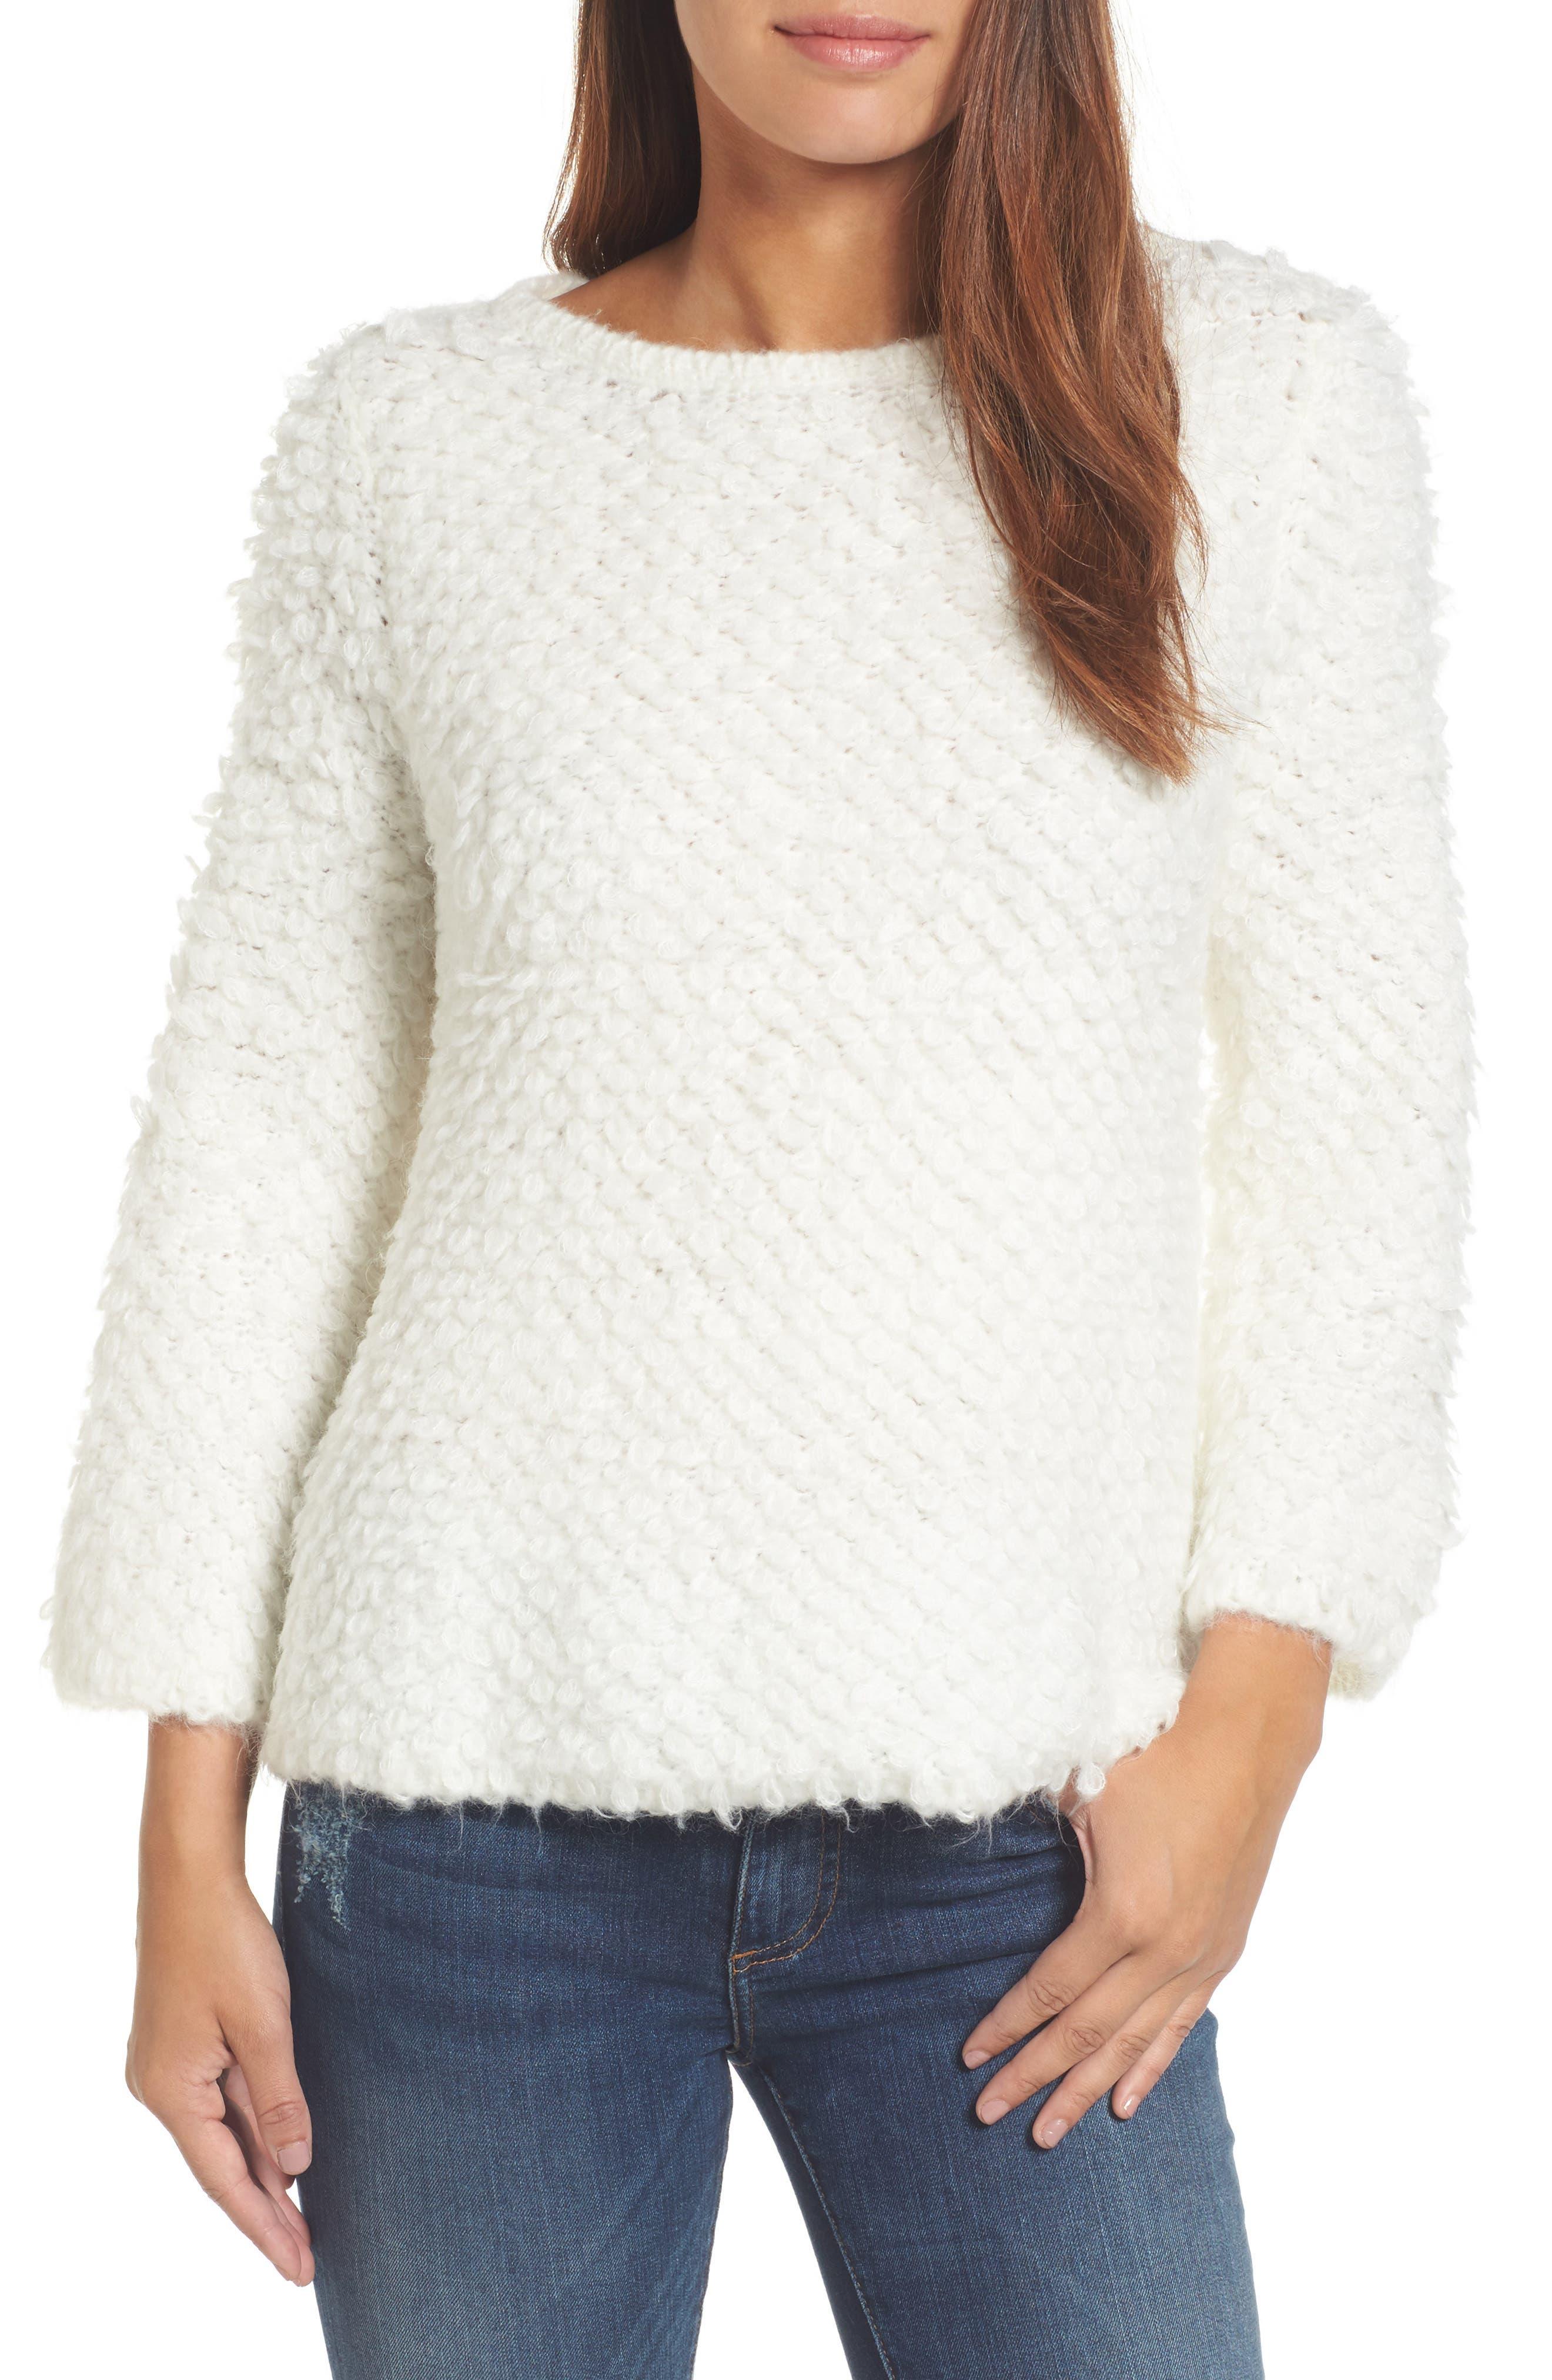 Main Image - Caslon® Loop Stitch Crewneck Sweater